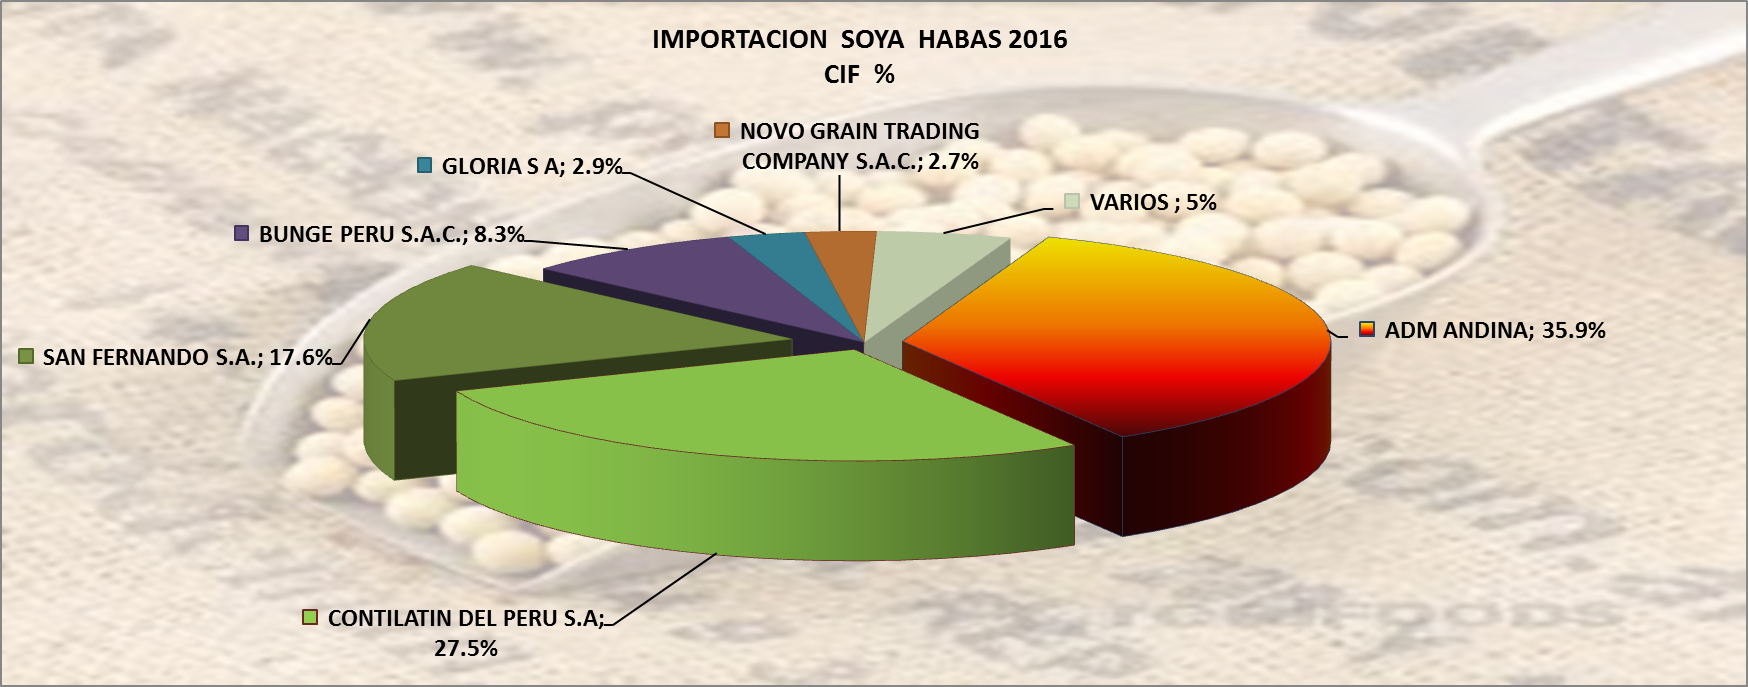 Soya Granos Perú Importación 2016 Diciembre